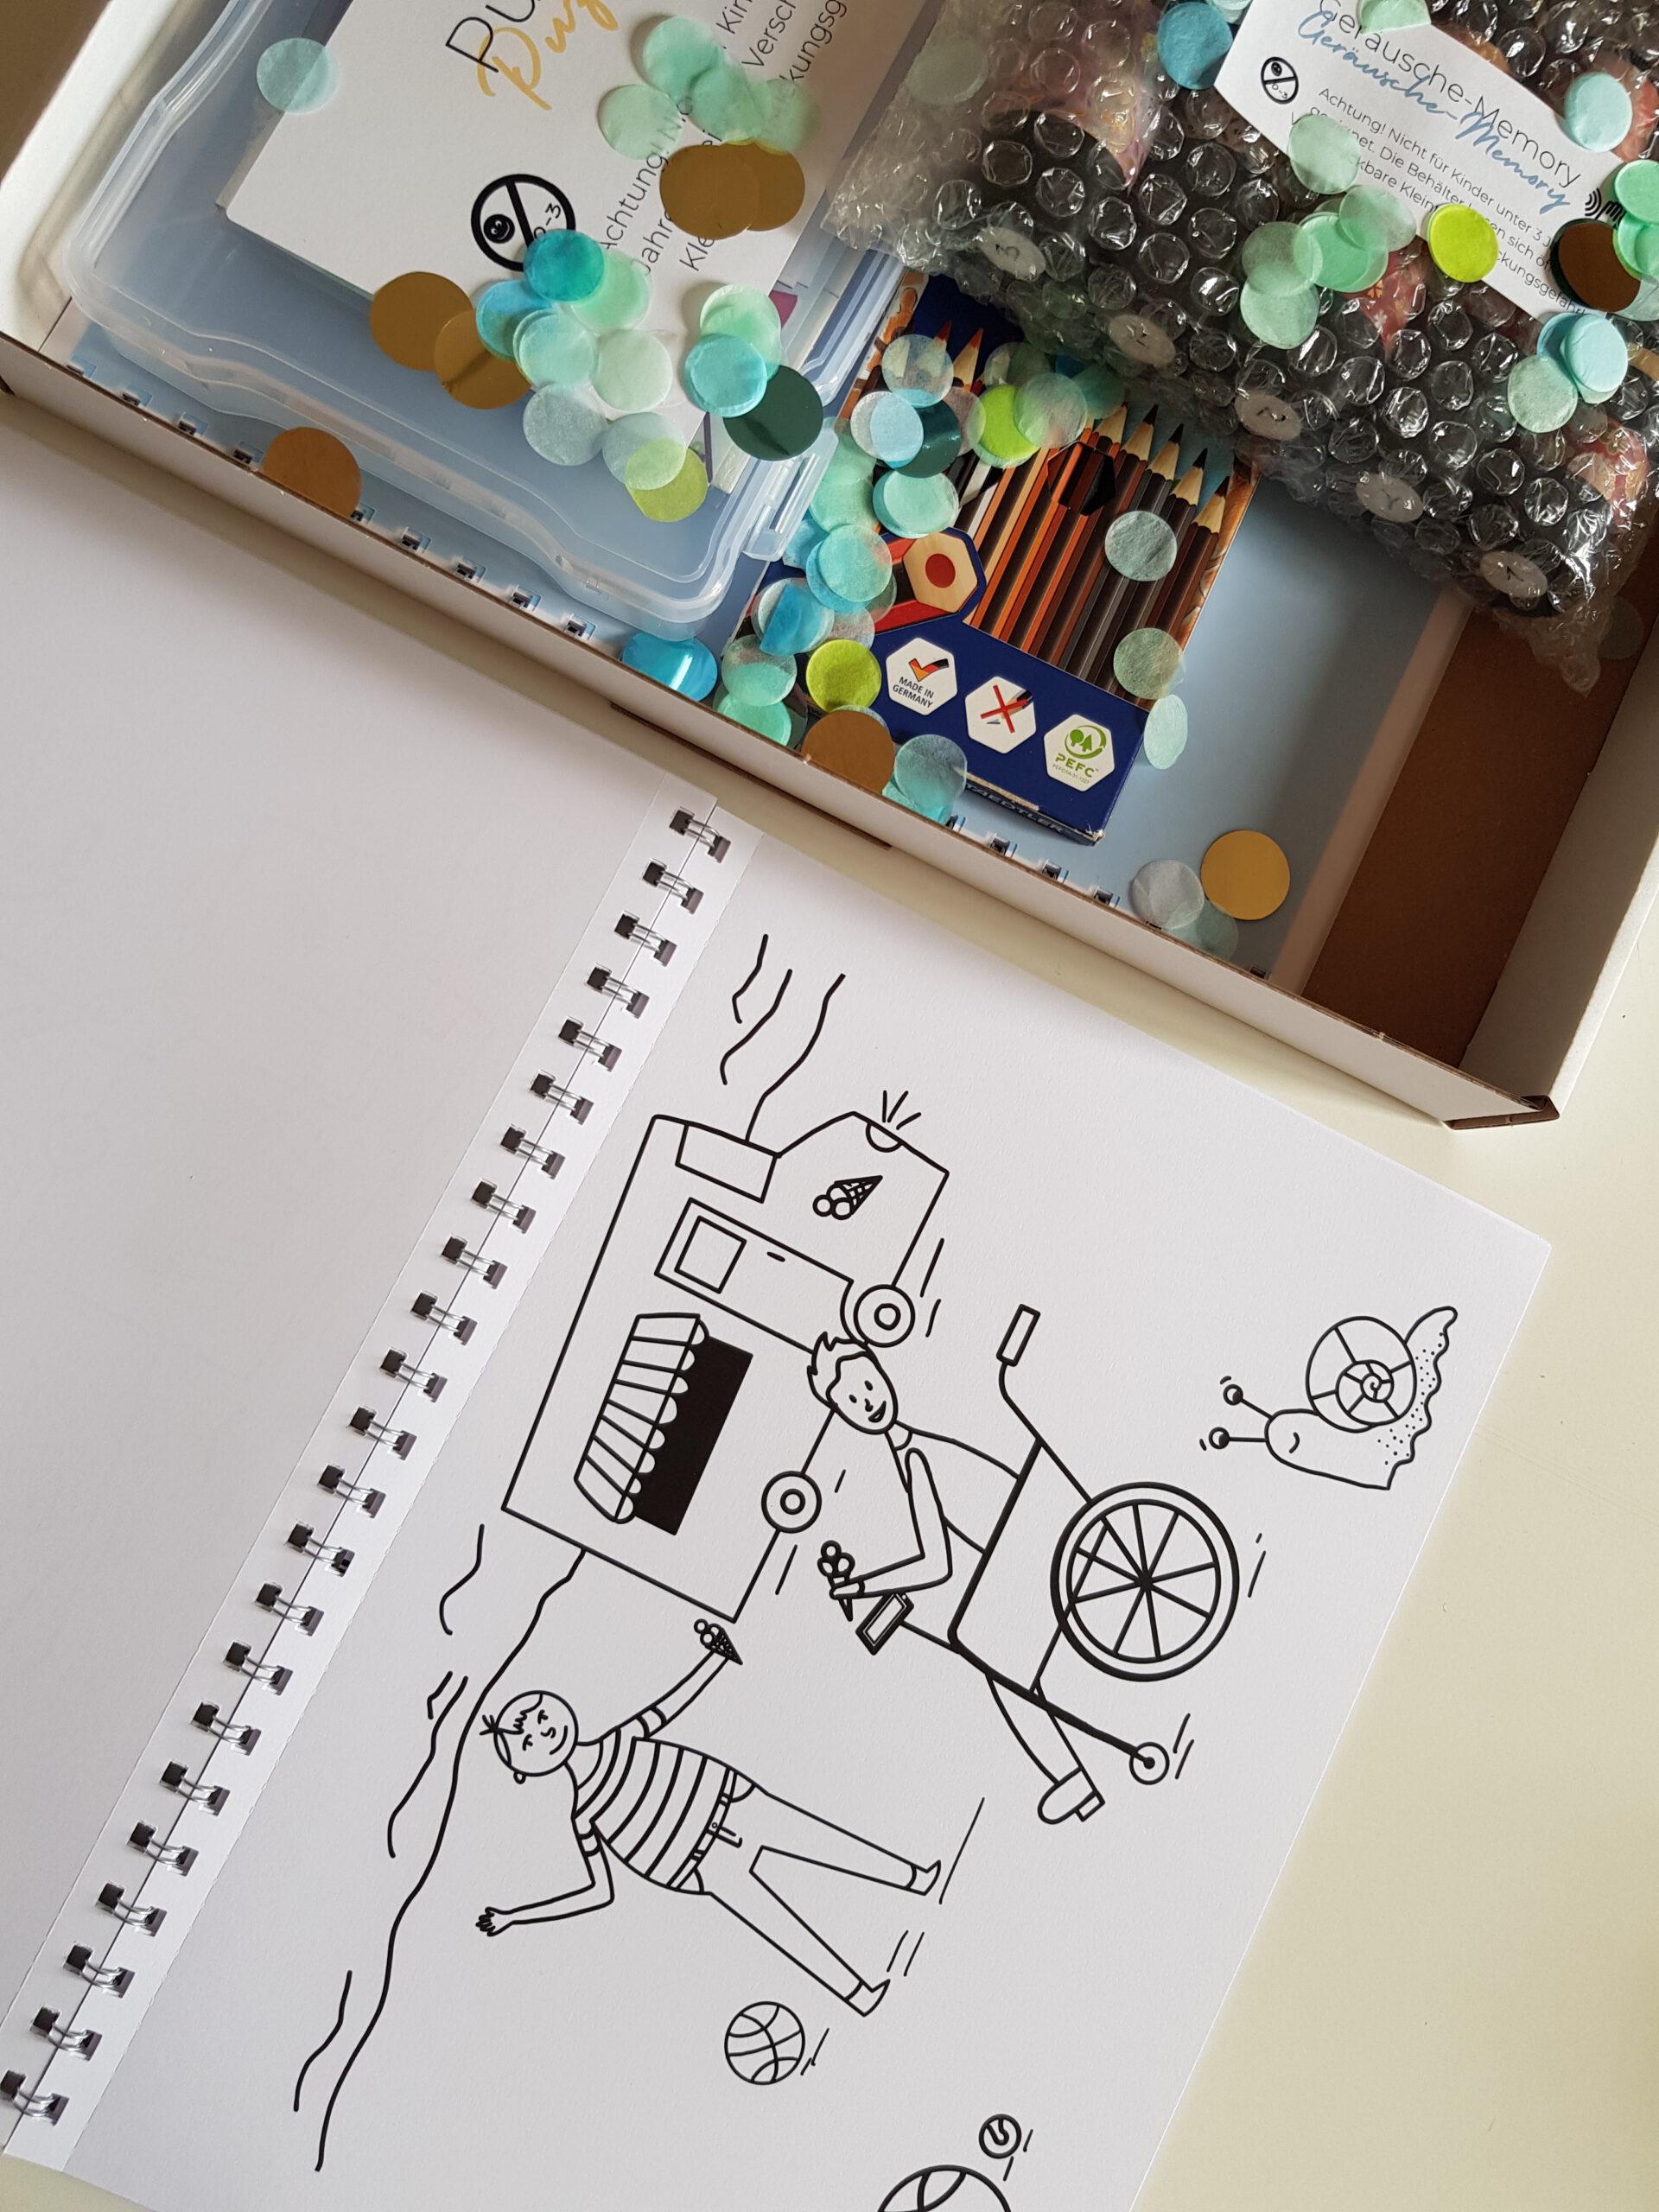 Das Bild zeigt eine weitere Malvorlage. Im Vordergrund sind zwei Menschen zu sehen, die gemeinsam vor einem Eiswagen Eis essen. Eine Person sitzt in einem Rollstuhl. © Servicestelle Jugendbeteiligung e.V., 2021